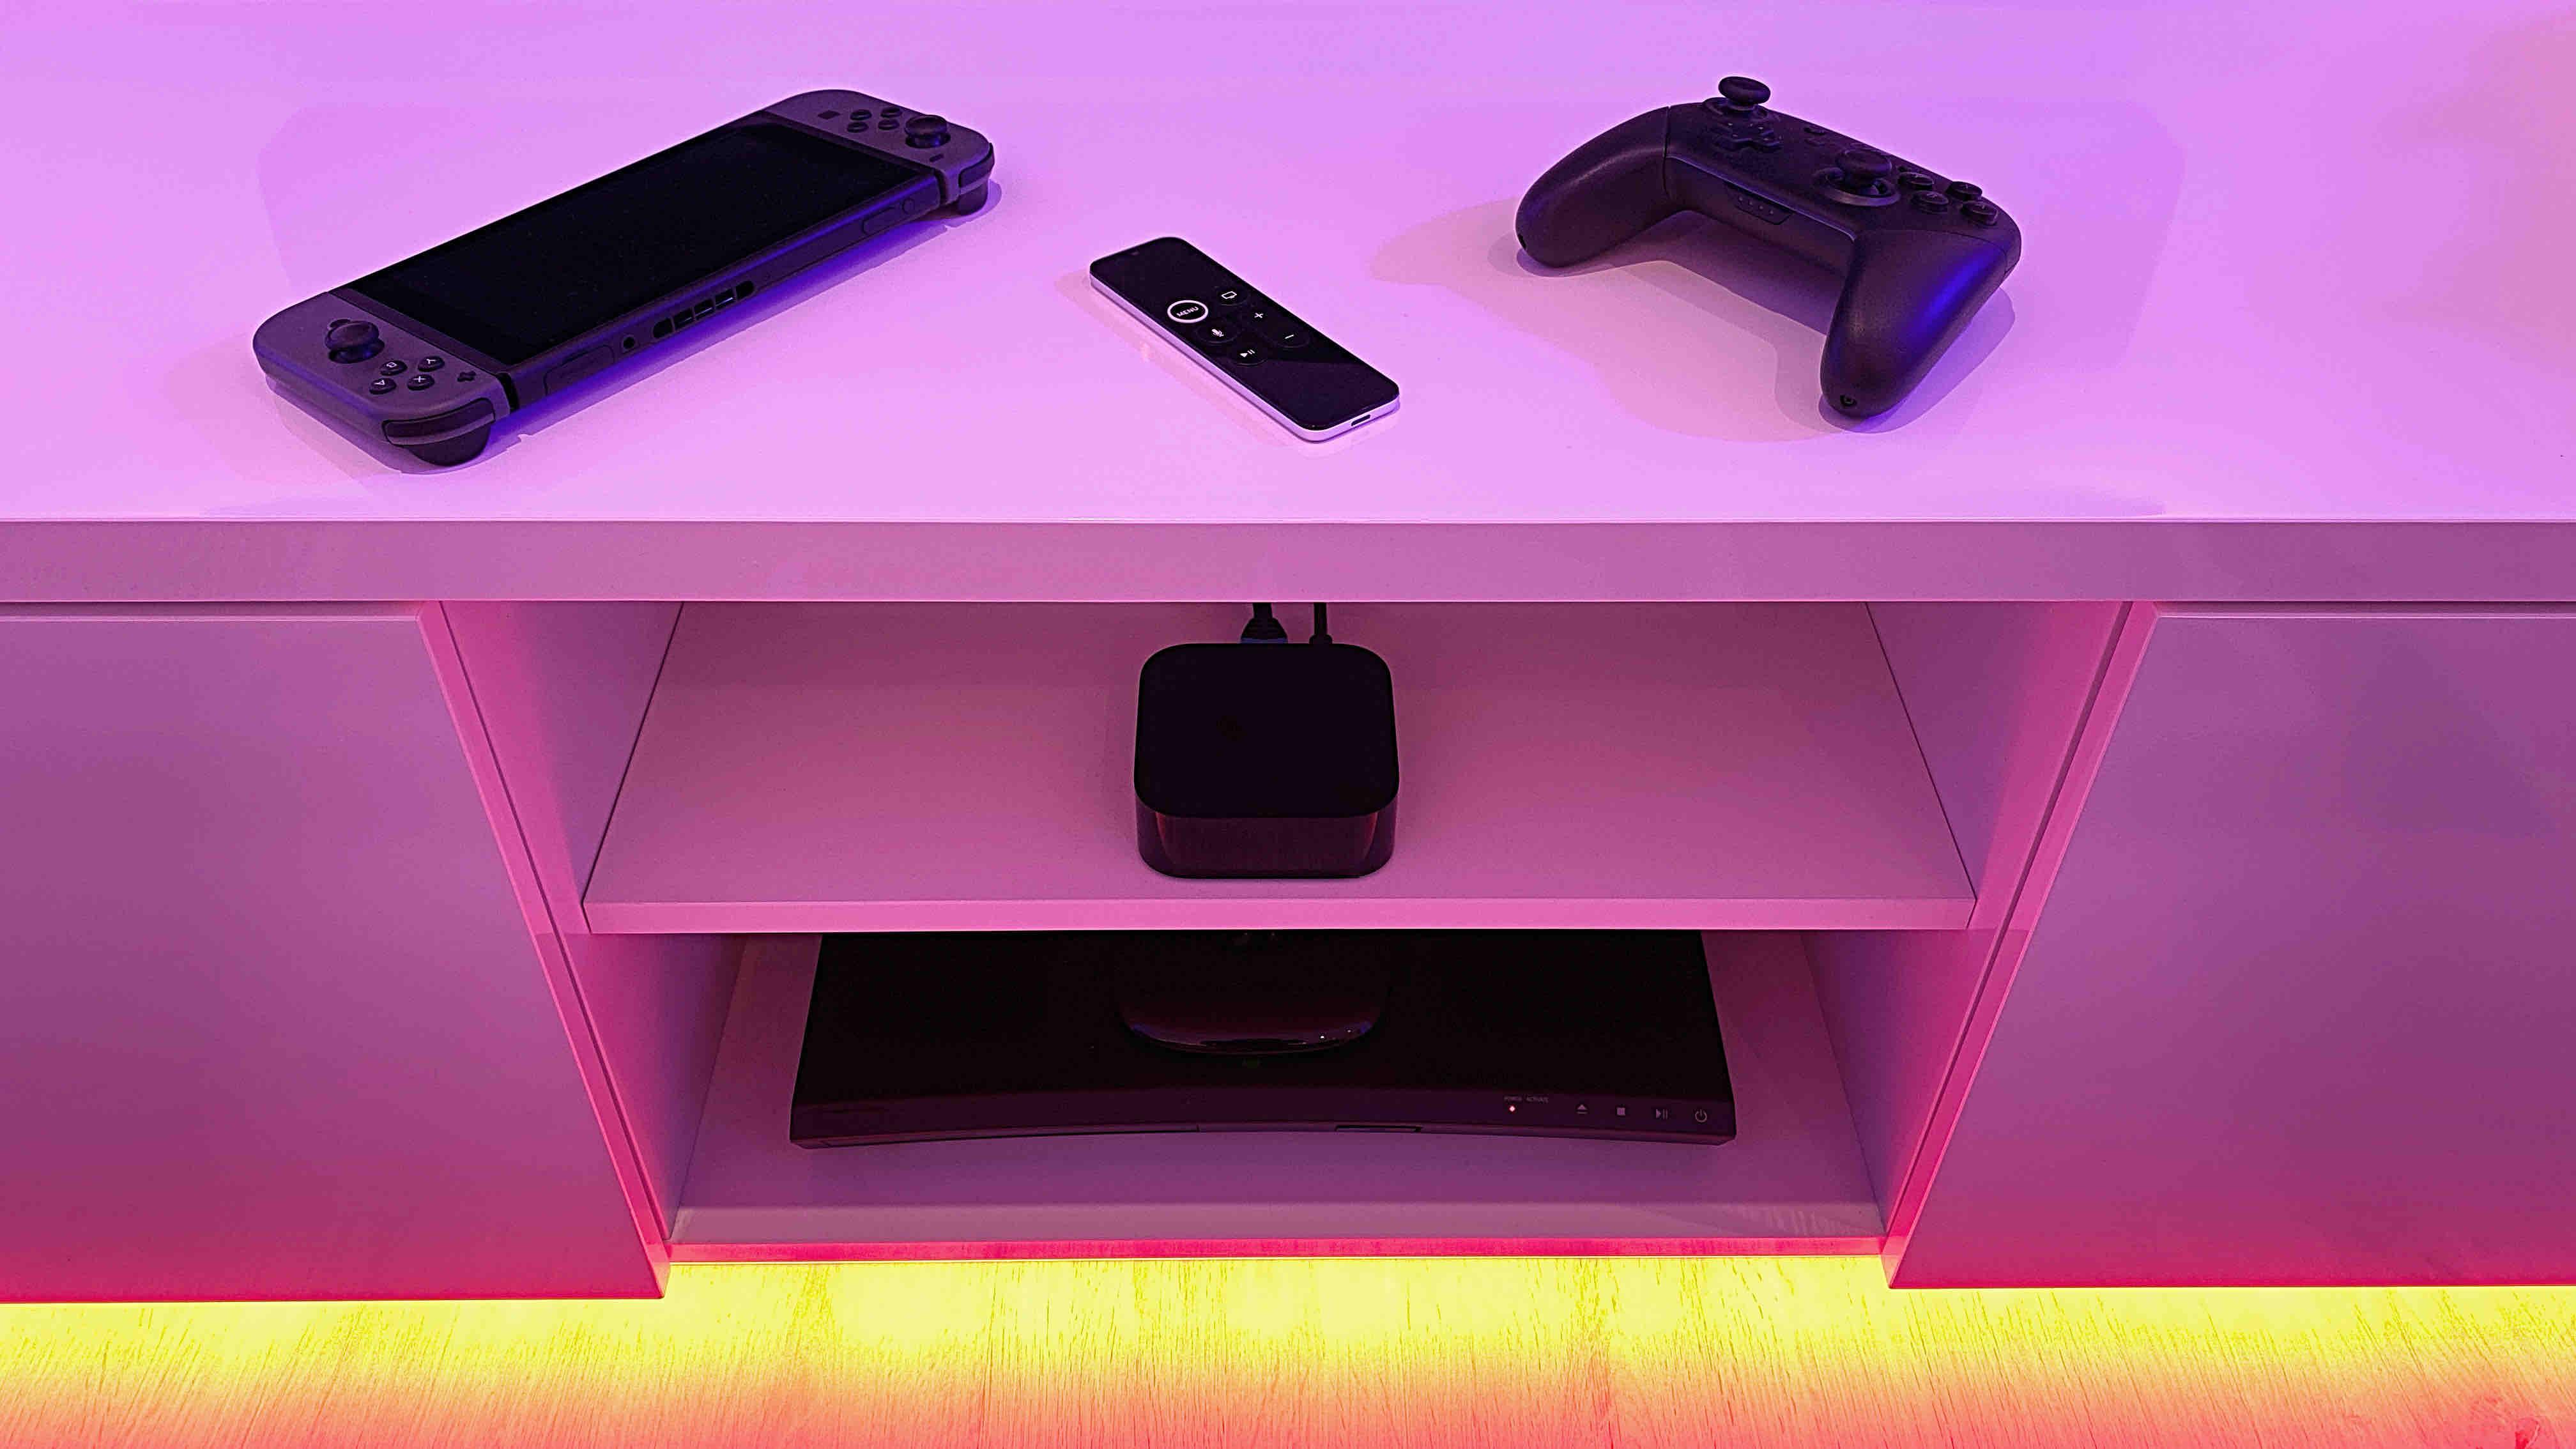 Die_Wohnzimmerschlacht_Teil_1_Nintendo_Switch_Apple_TV_DVD_BluRay_Kolumne_Artikelbild Die Wohnzimmerschlacht (Teil 1)